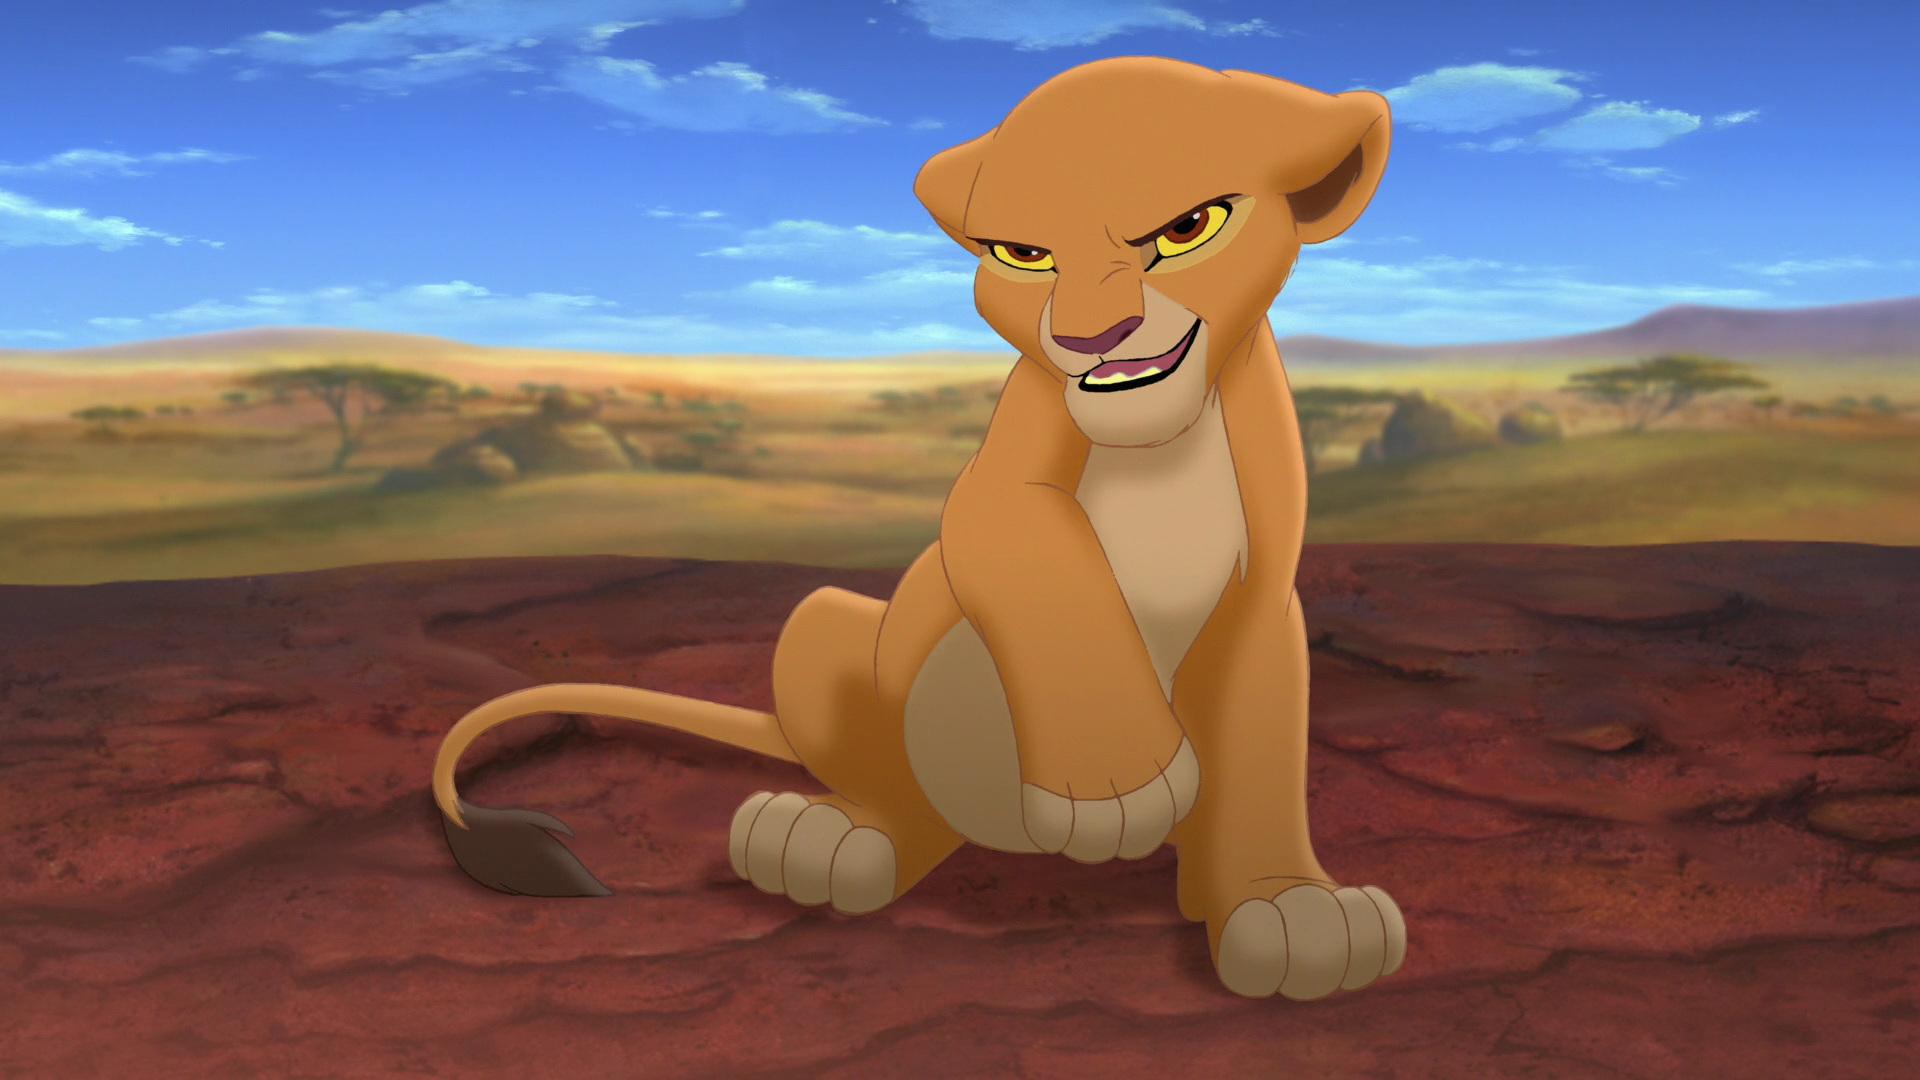 обои на телефон король лев львята считают, что